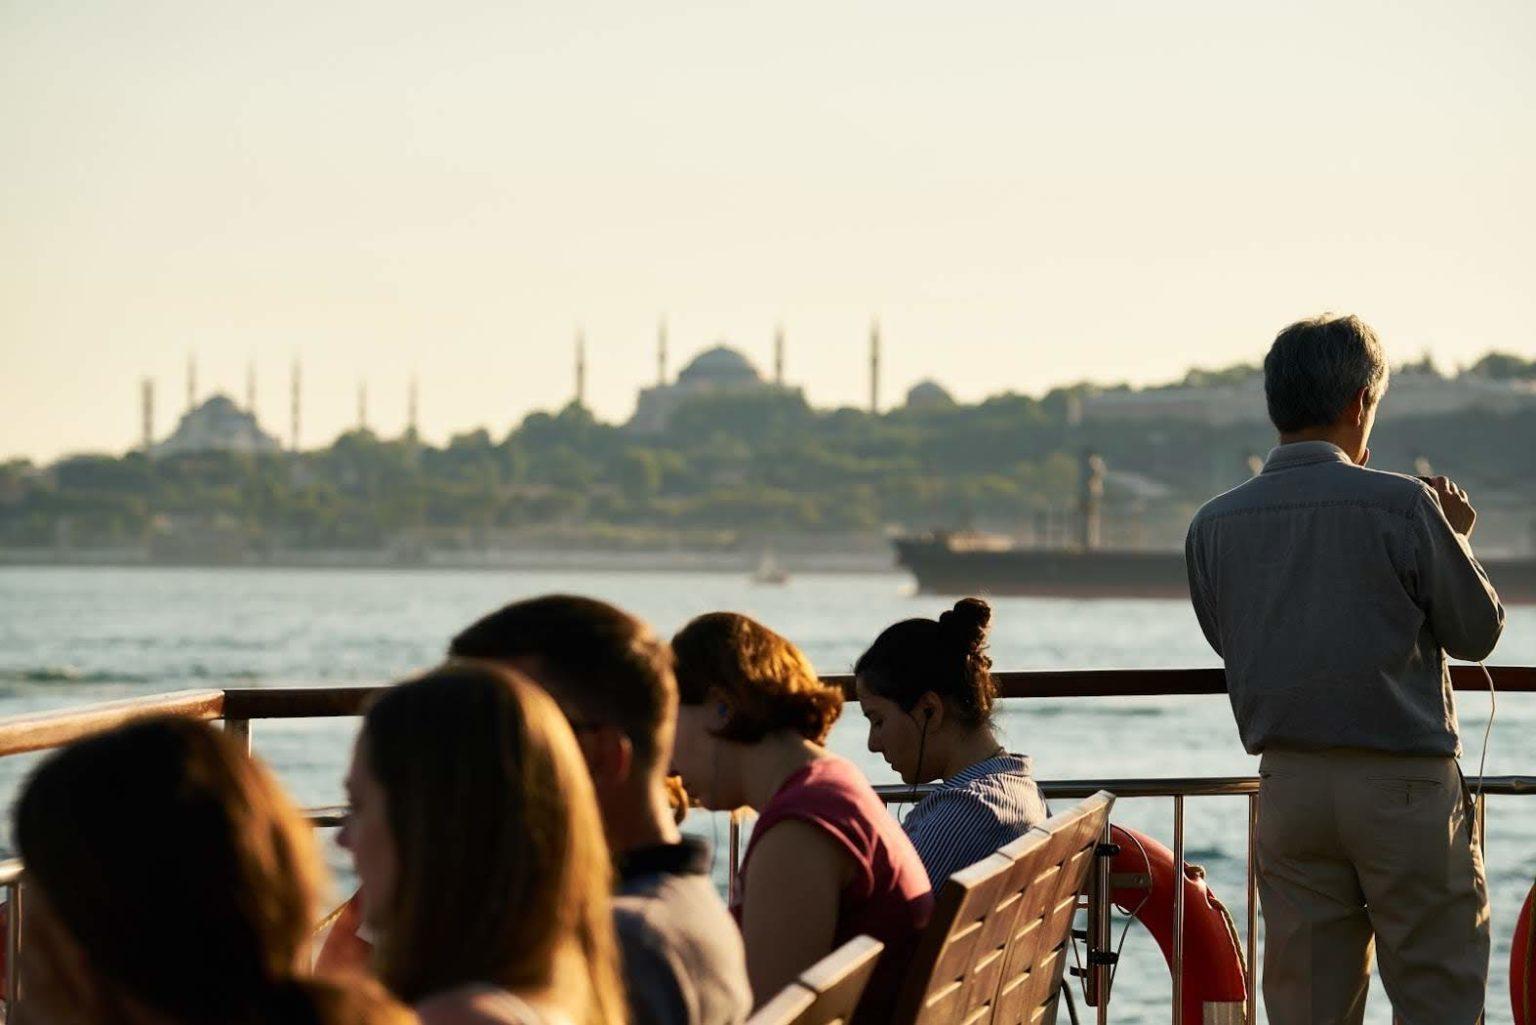 adult-istanbul-leisure-2880504